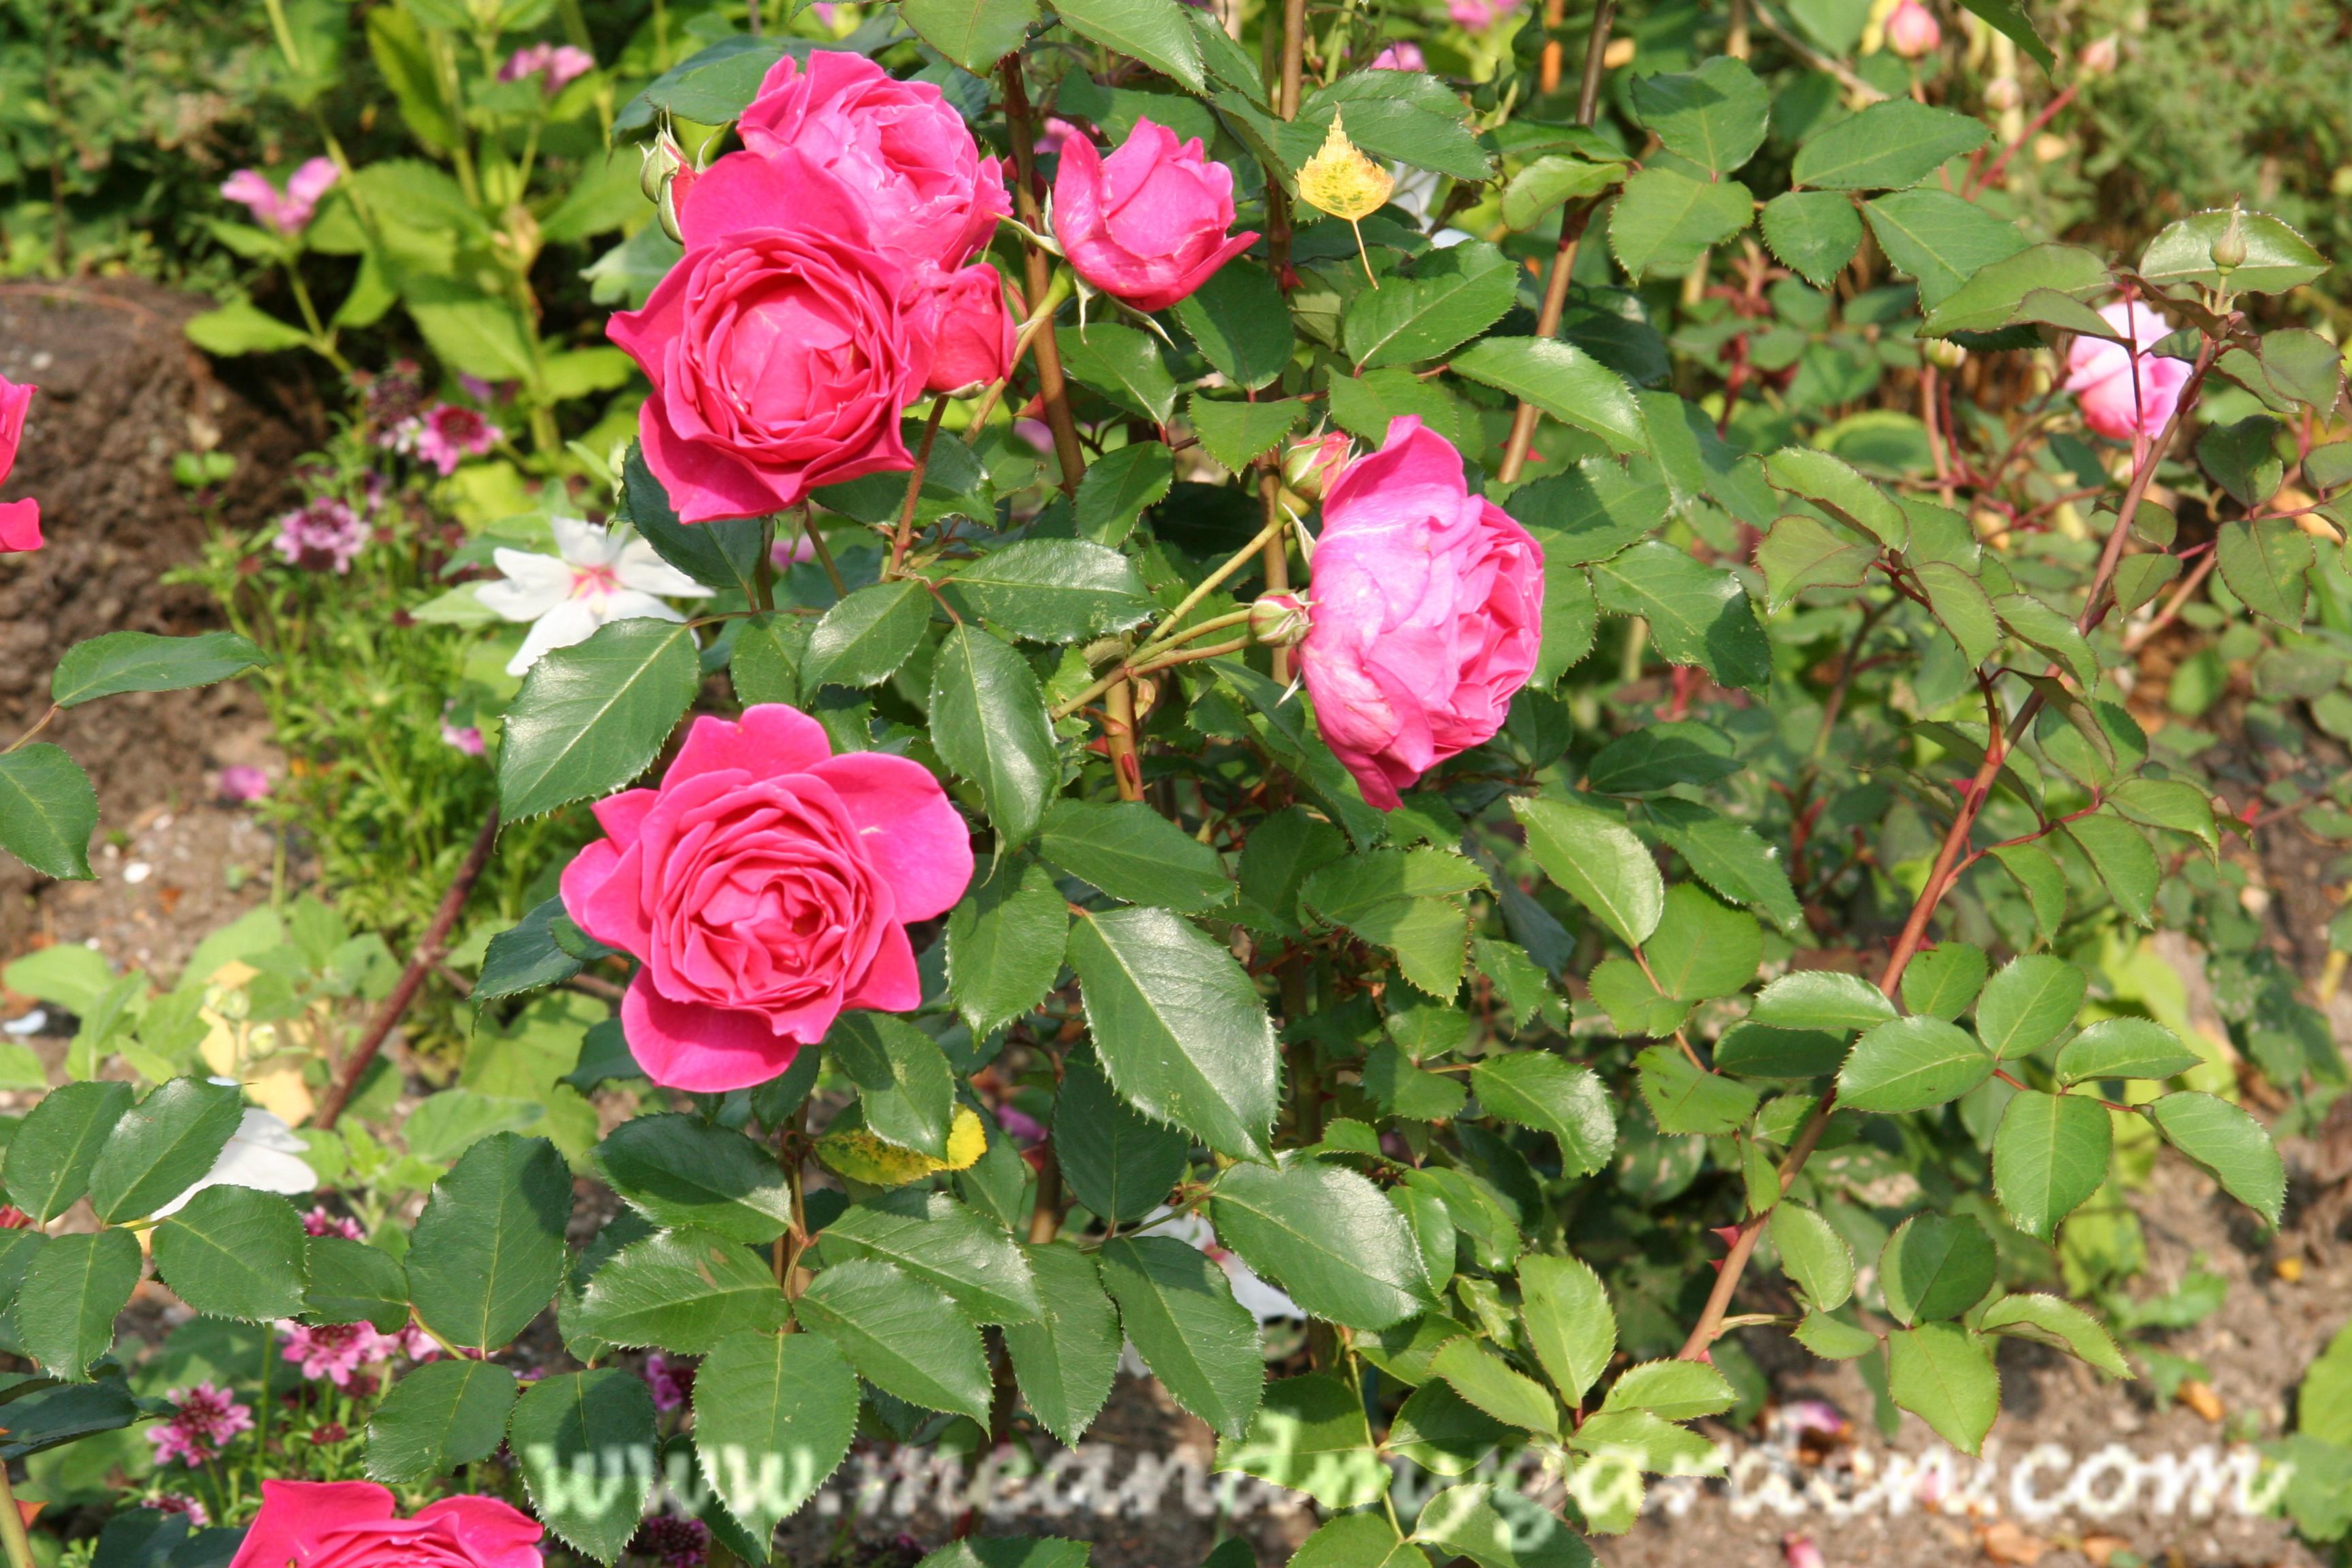 vanning av roser